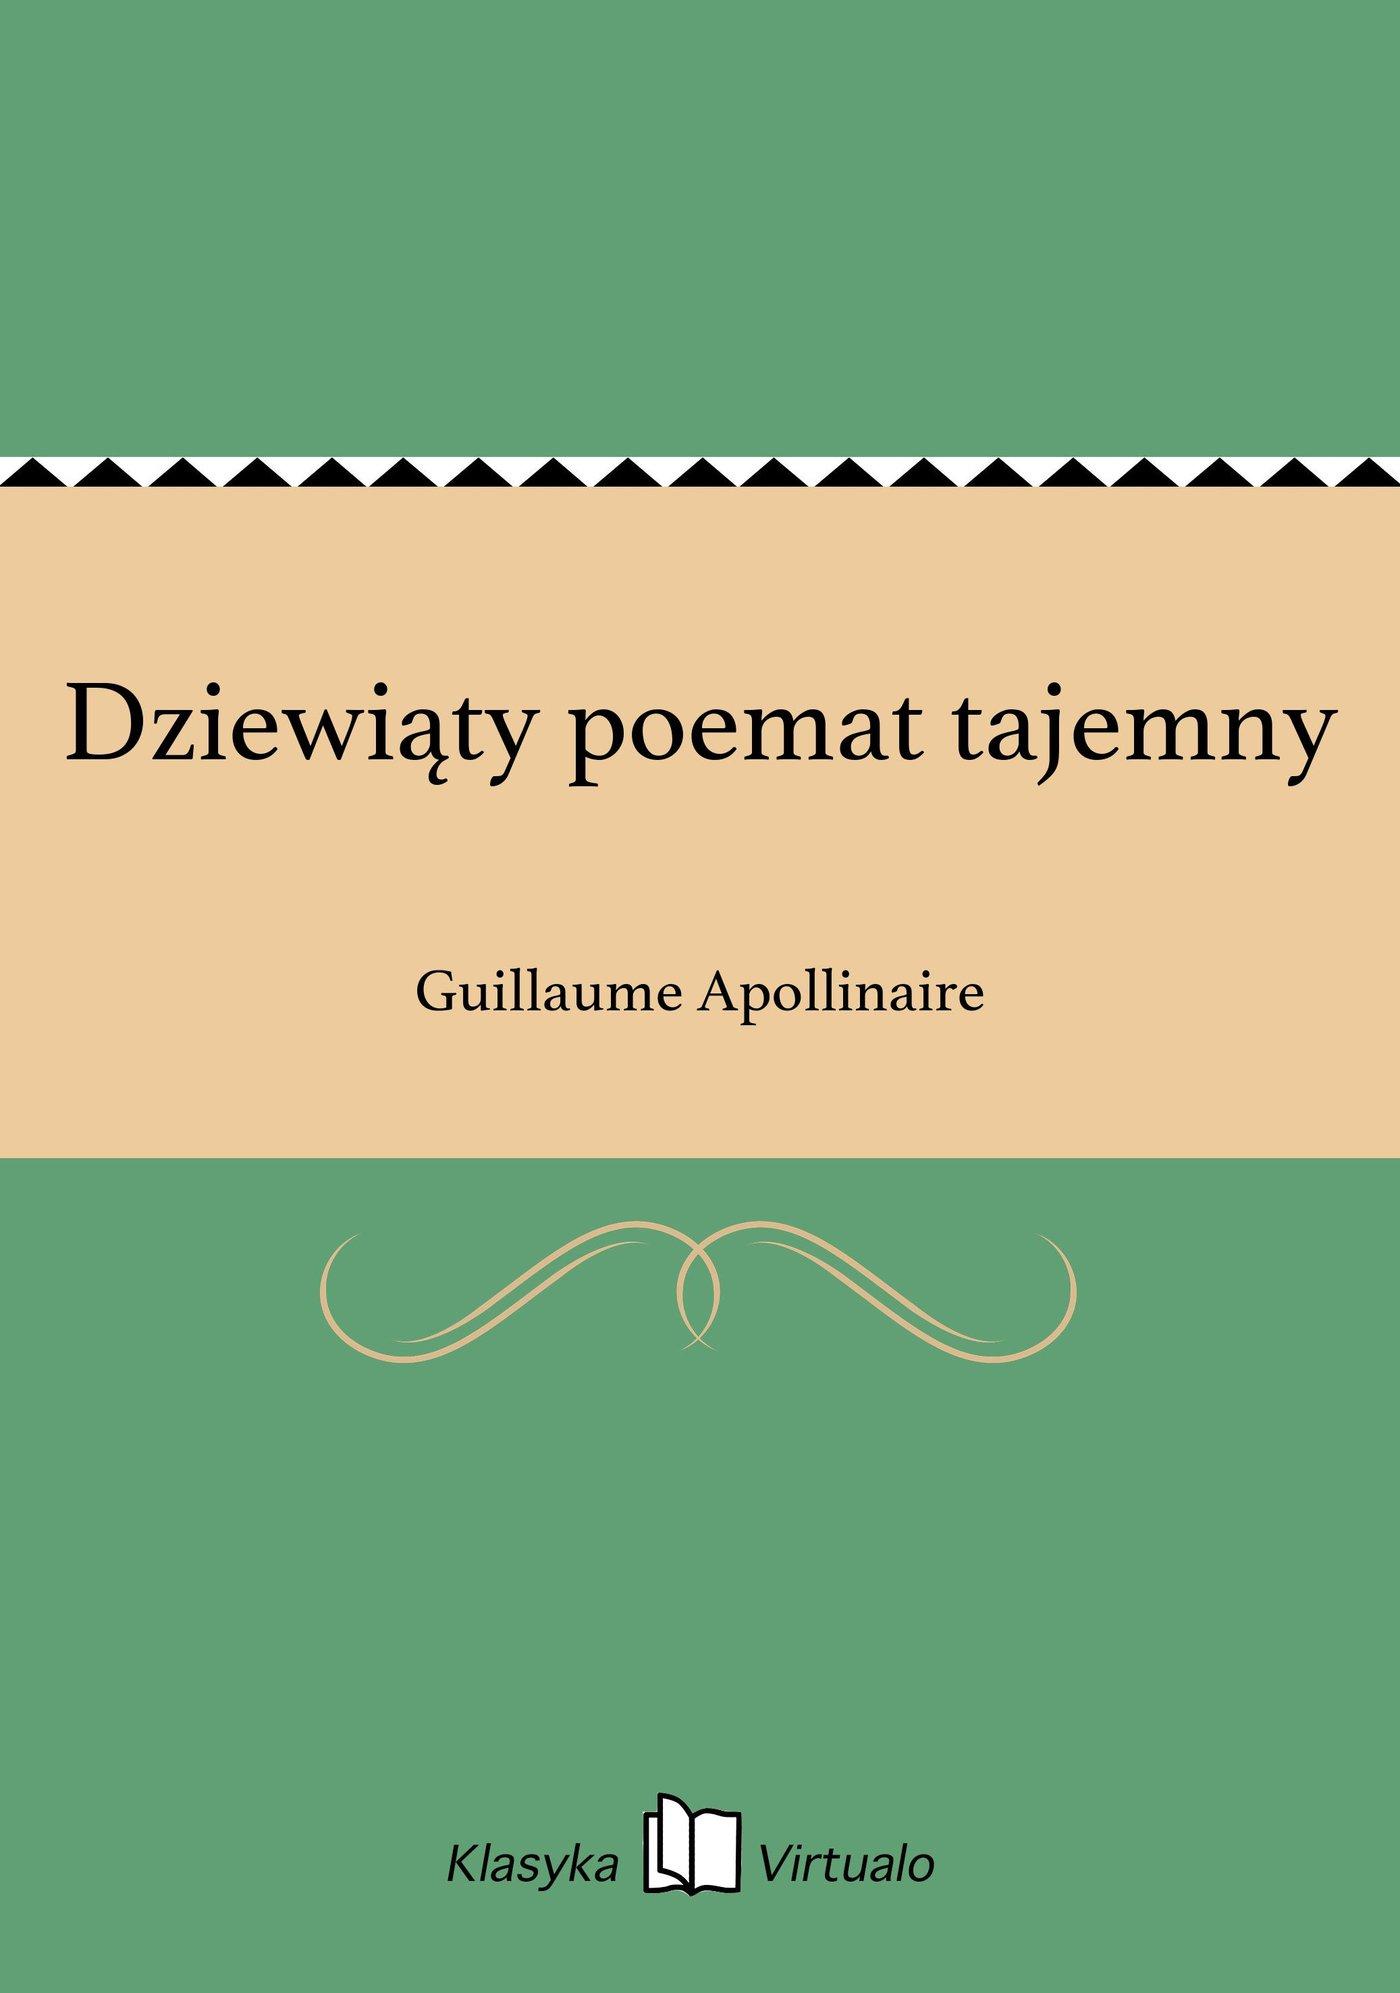 Dziewiąty poemat tajemny - Ebook (Książka EPUB) do pobrania w formacie EPUB